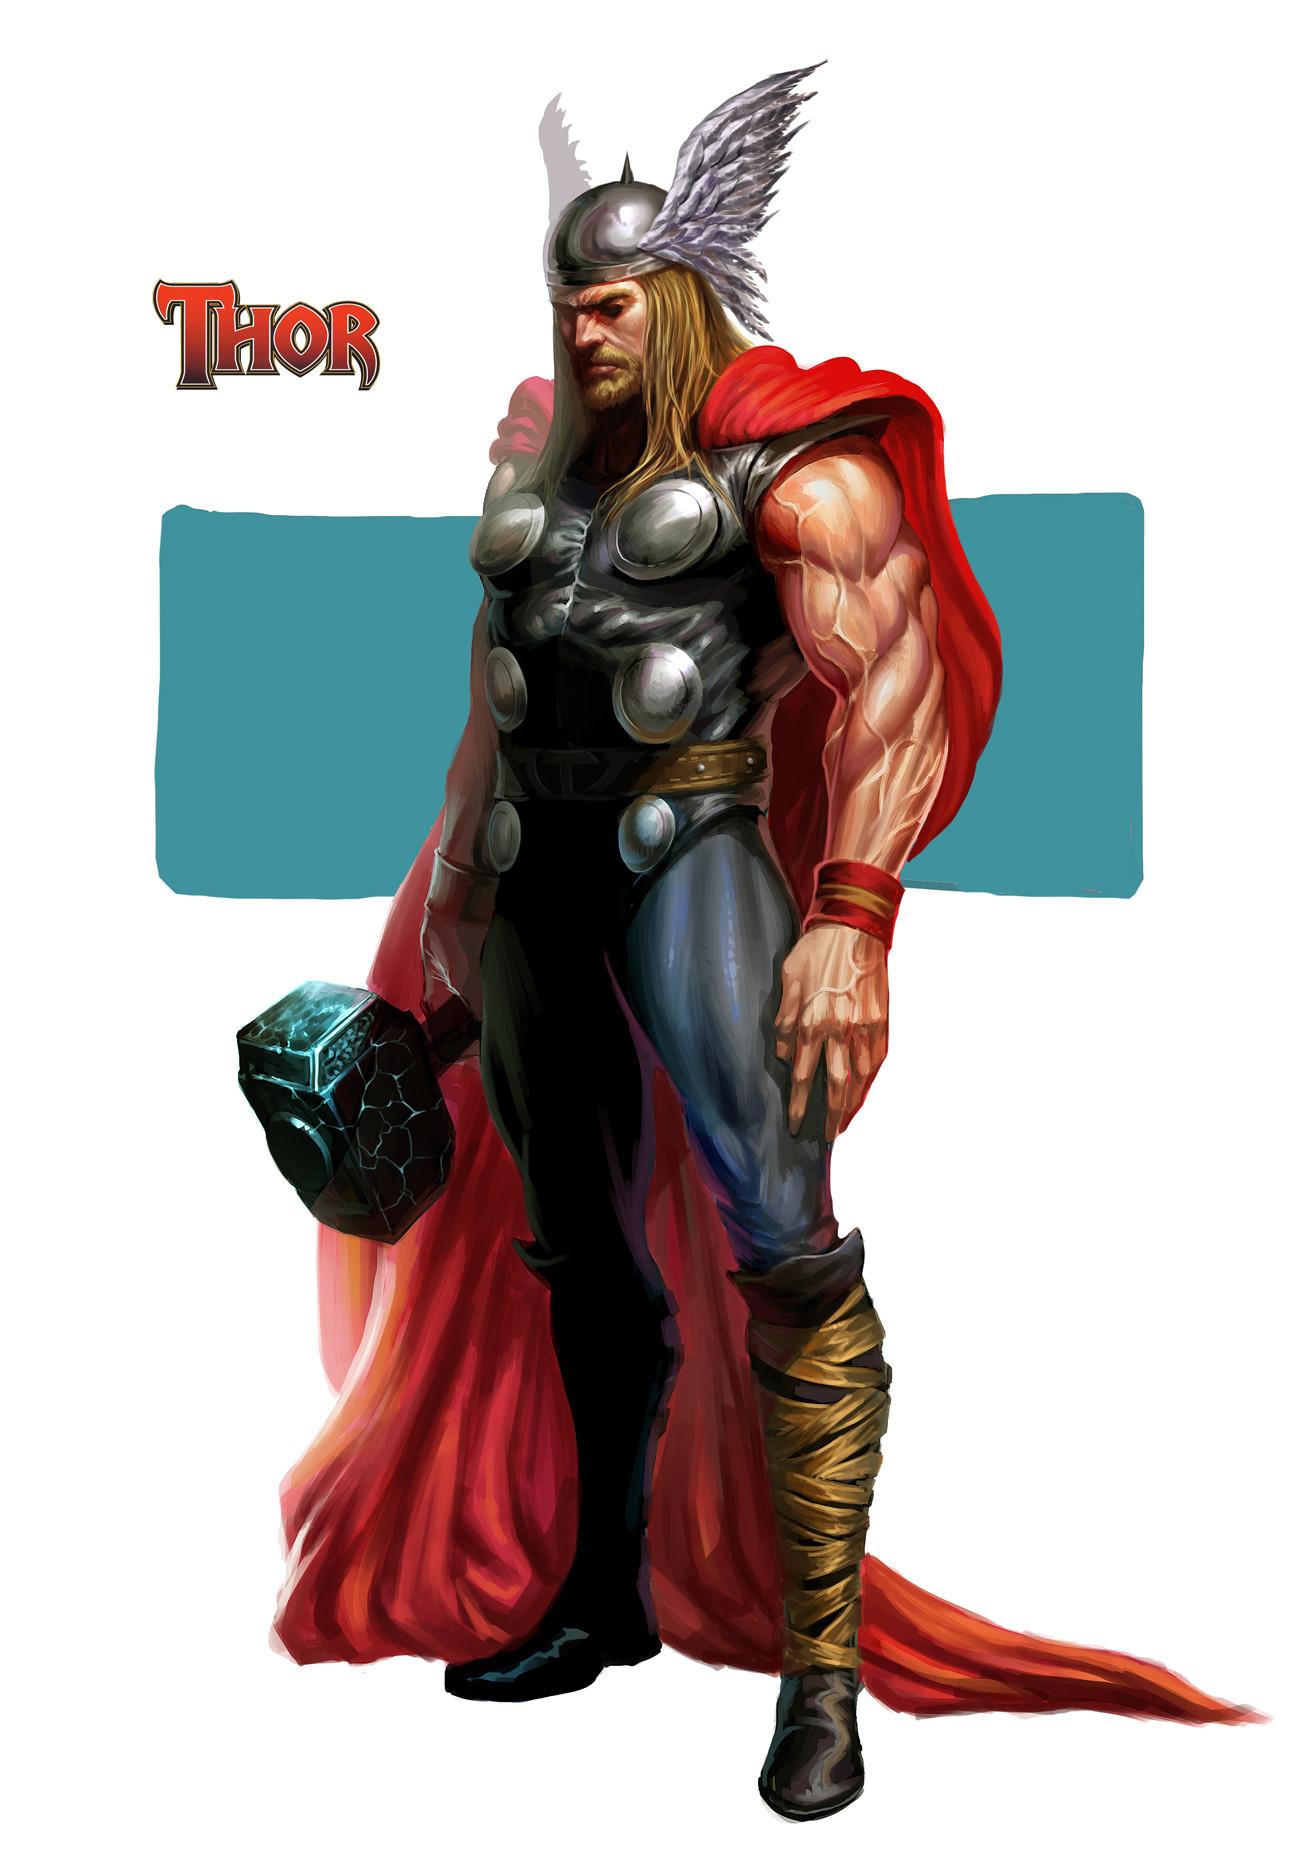 Artstation thor fan art - Thor art wallpaper ...